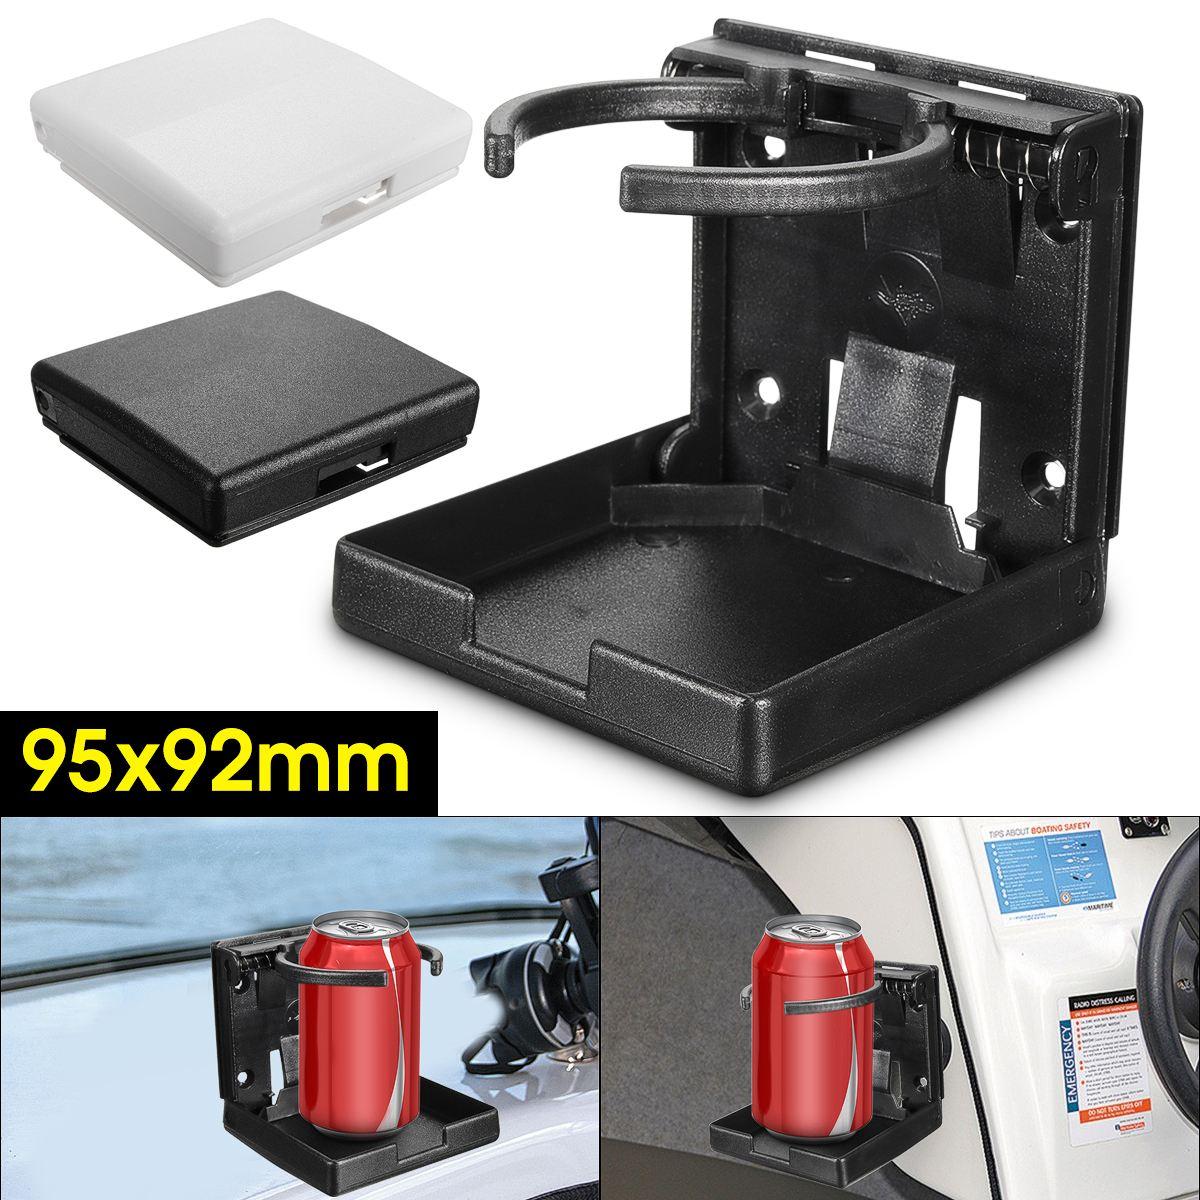 Black Universal Adjustable Folding Cup Drink Holder Car Truck Boat Camper RV